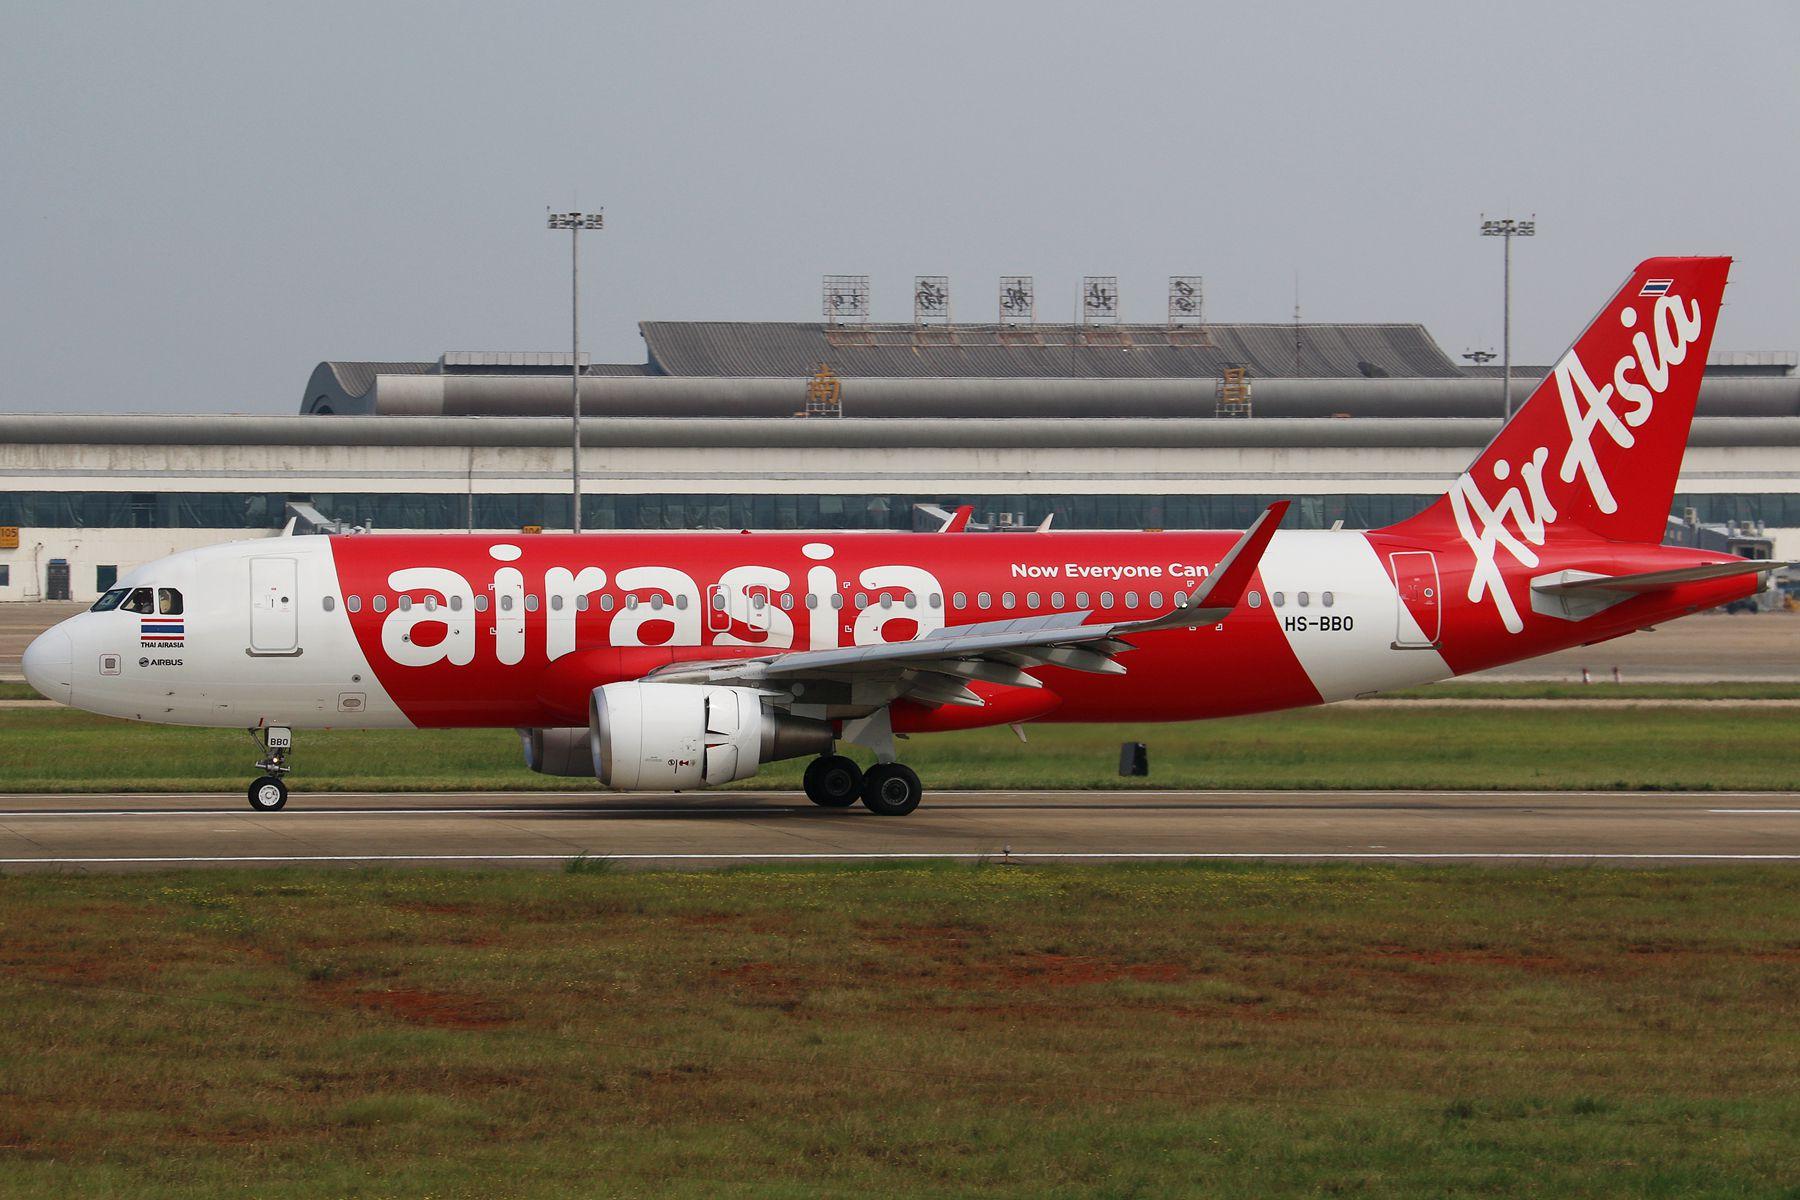 去年的9月27日,亚航首航南昌 AIRBUS A320-200 HS-BBO 中国南昌昌北国际机场